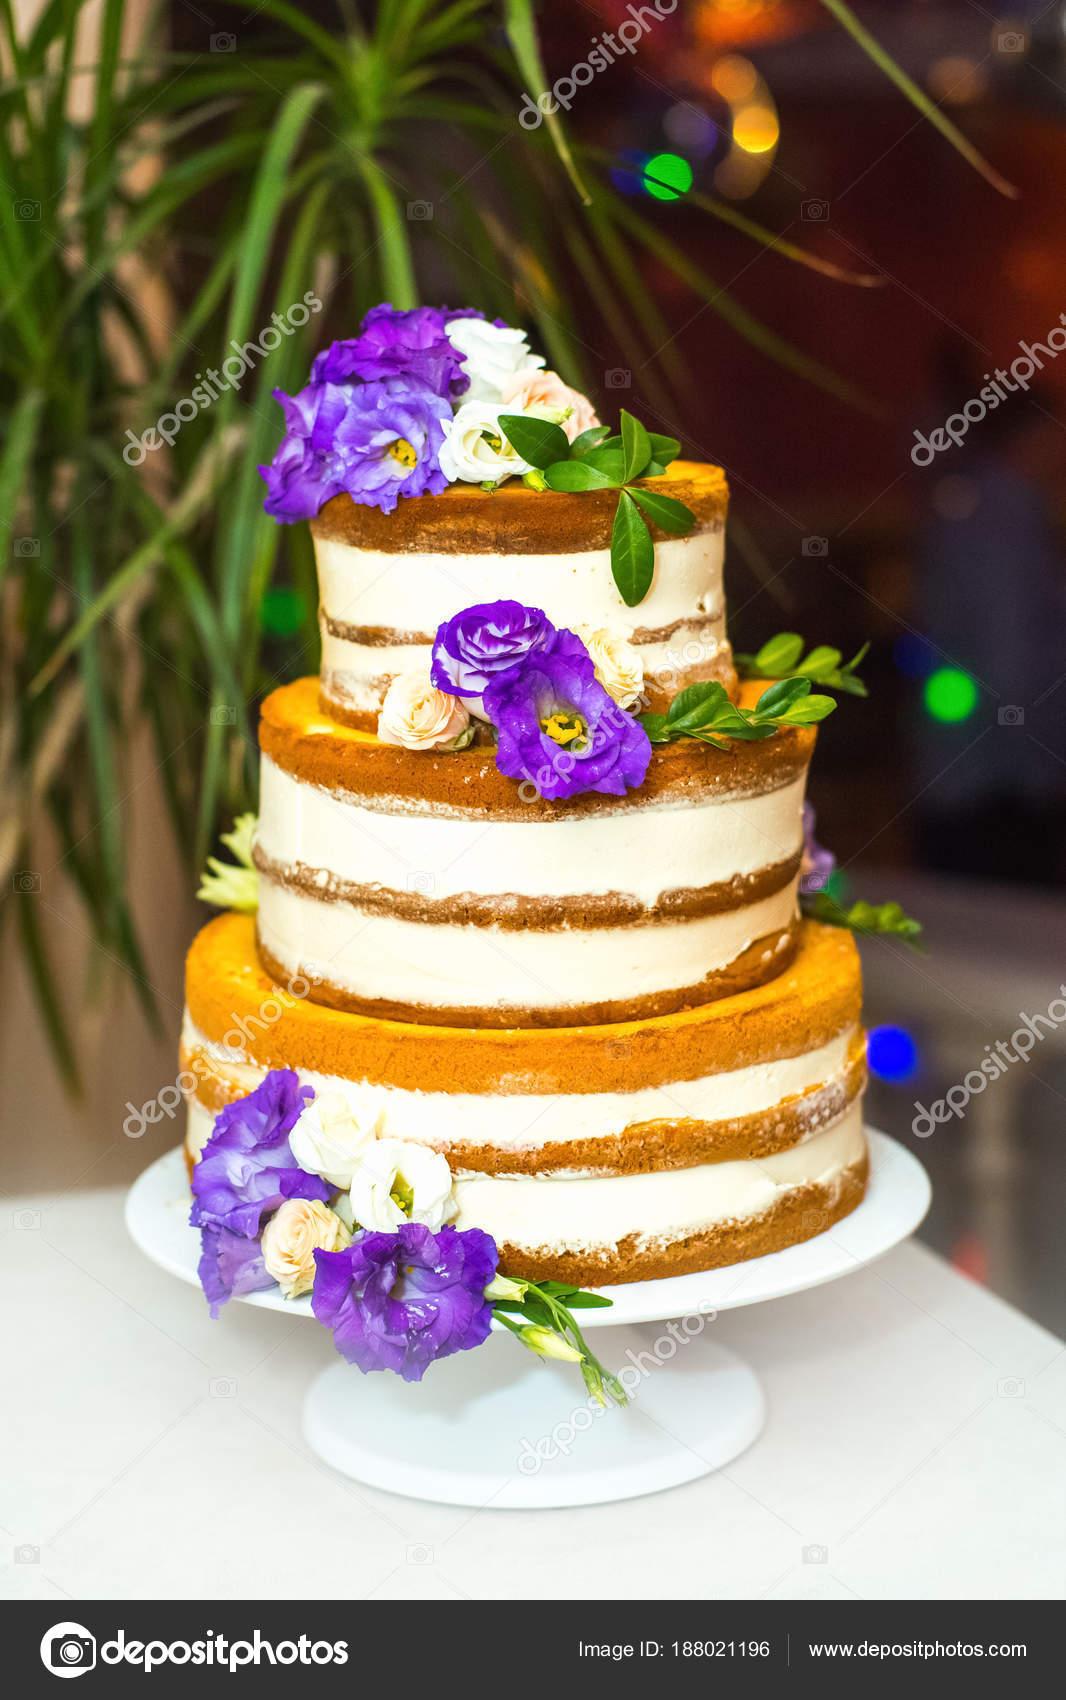 Nahaufnahme Der Kostliche Hochzeitstorte Mit Lila Bluten Fur Feier